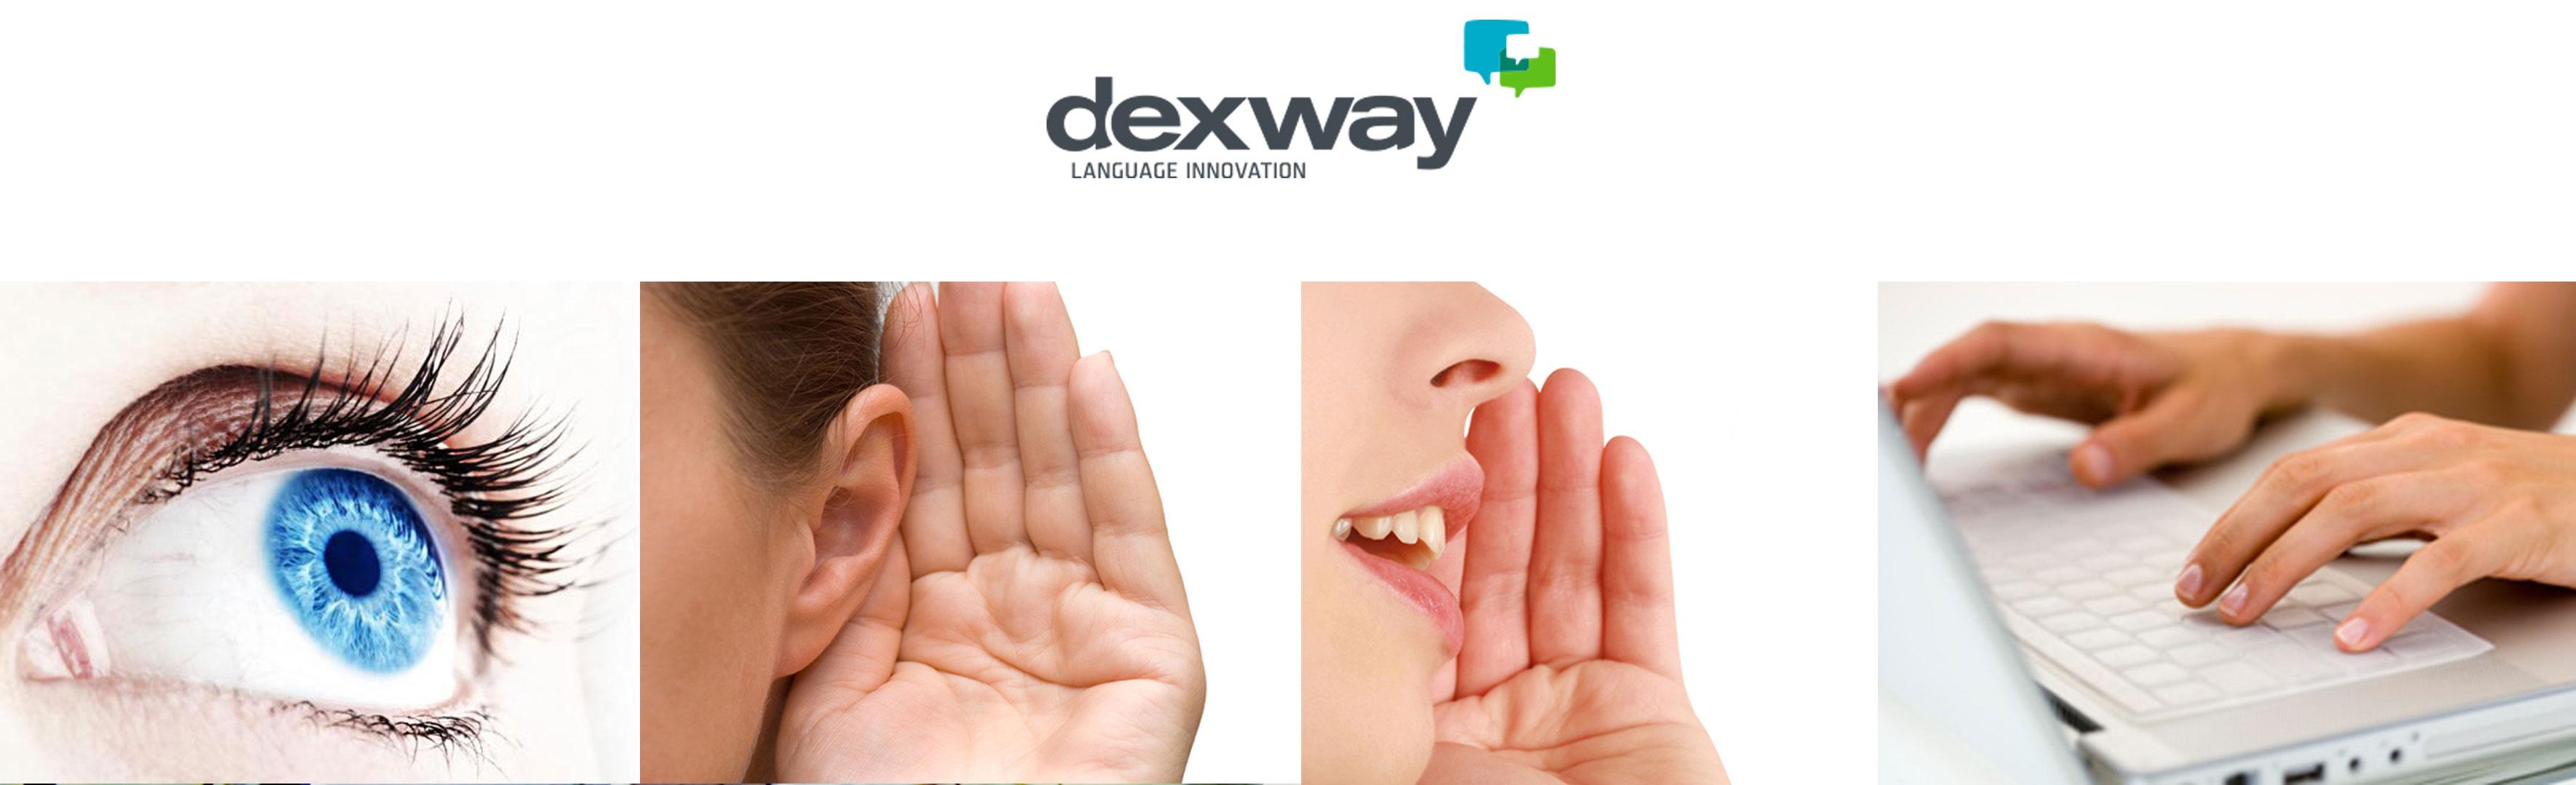 dexway-aprende idiomas